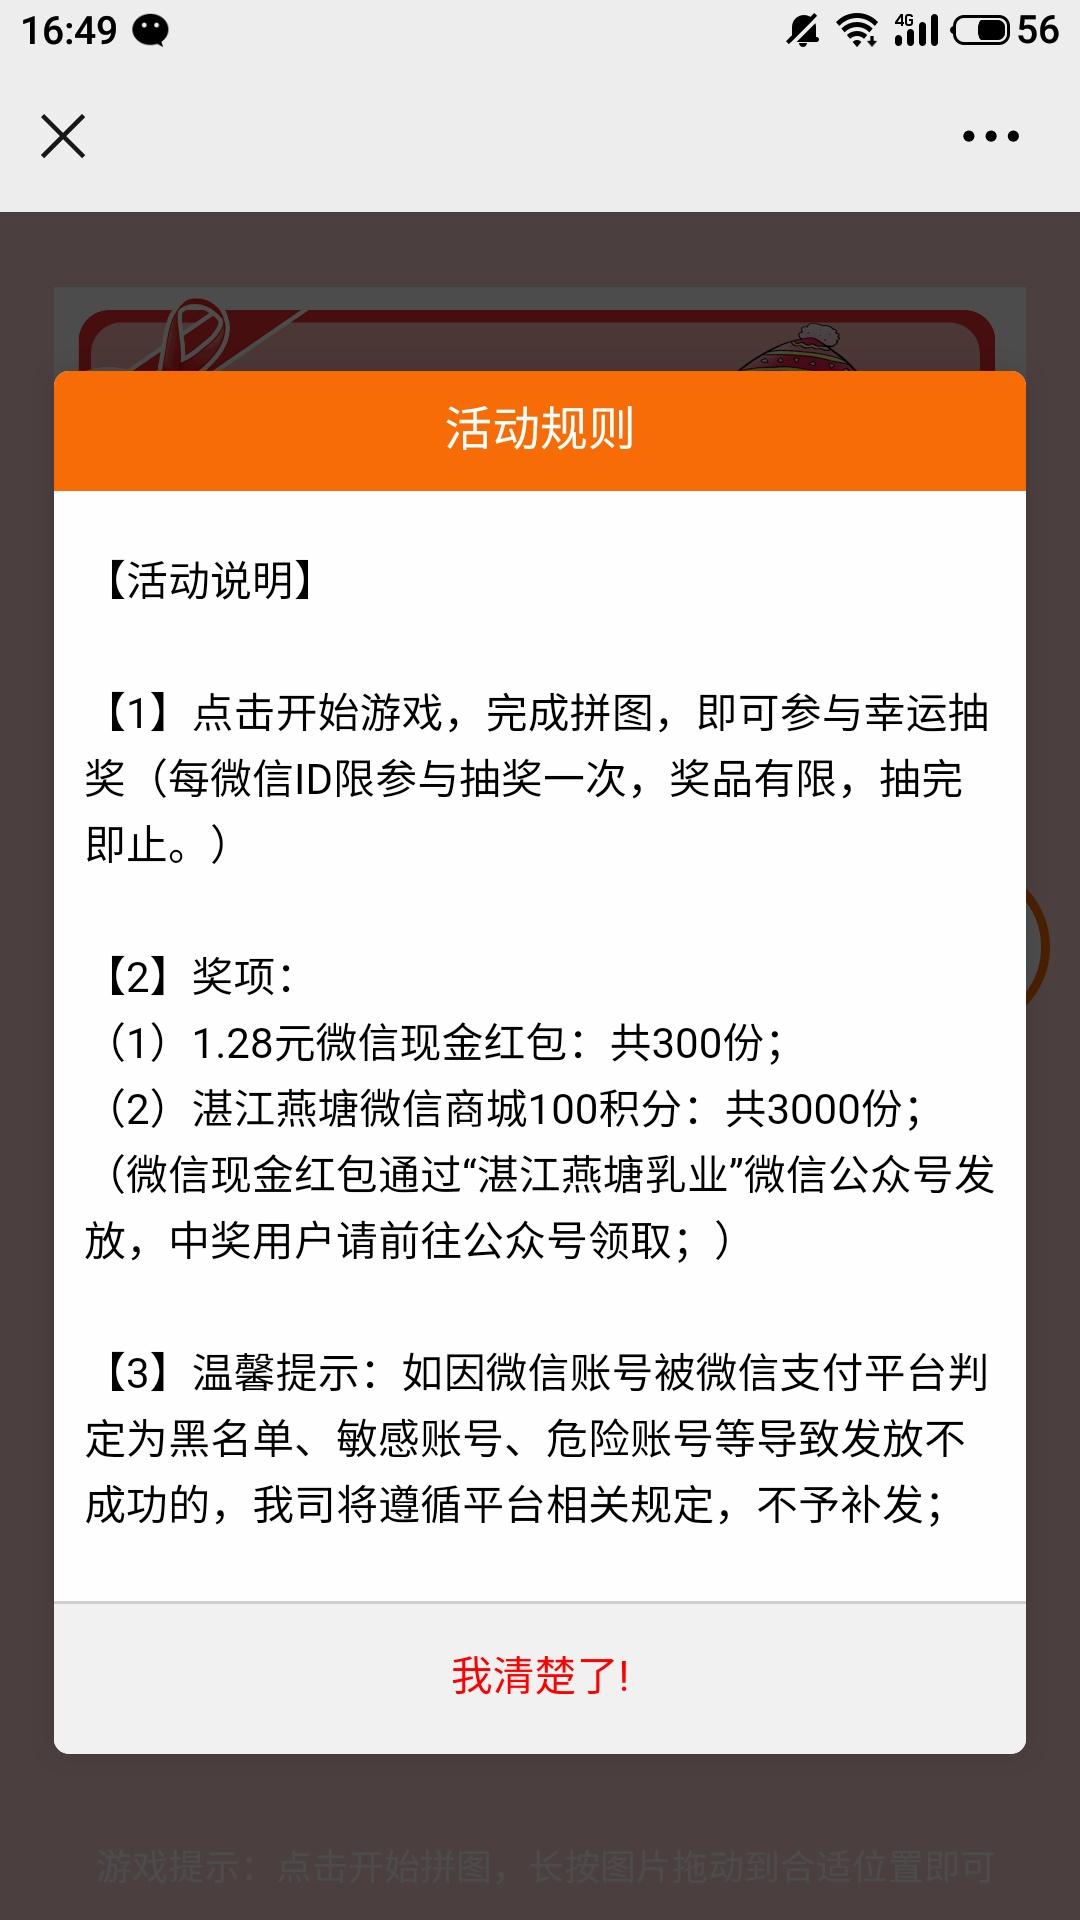 图片[2]-湛江燕塘乳业拼图抽红包-老友薅羊毛活动线报网